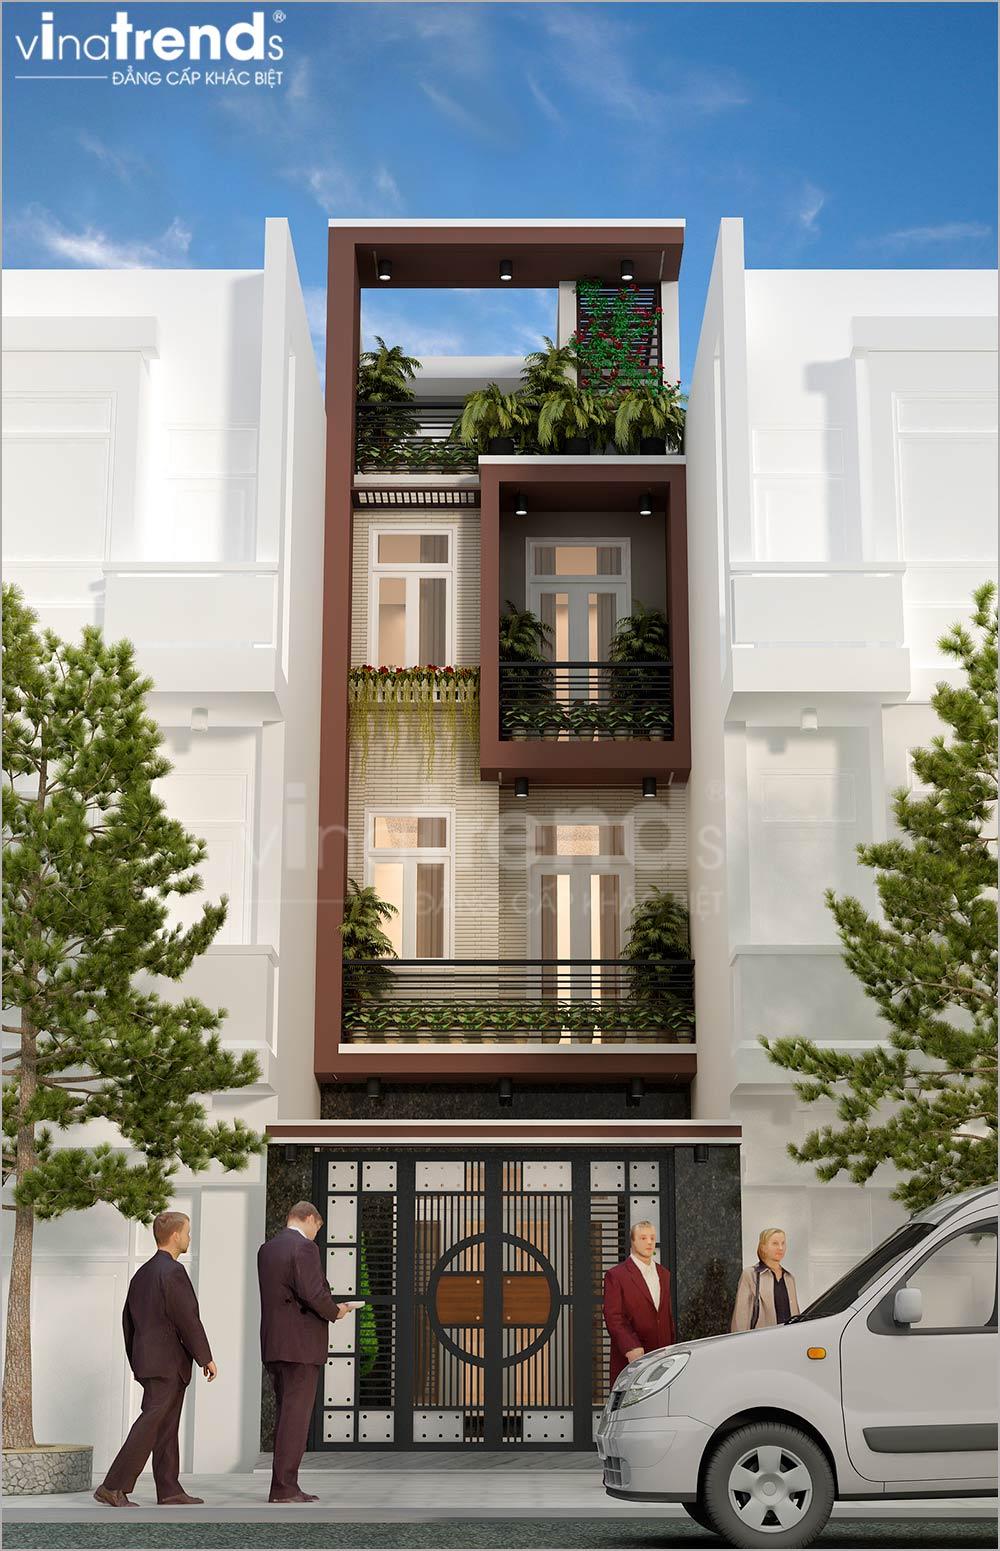 mau nha ong mat tien 5m 4 tang hien dai dep nhat hien nay 2 Mẫu nhà phố mặt tiền 4m 4 tầng dài 12m cả nội thất hiện đại ở Gò Vấp   Hồ Chí Minh